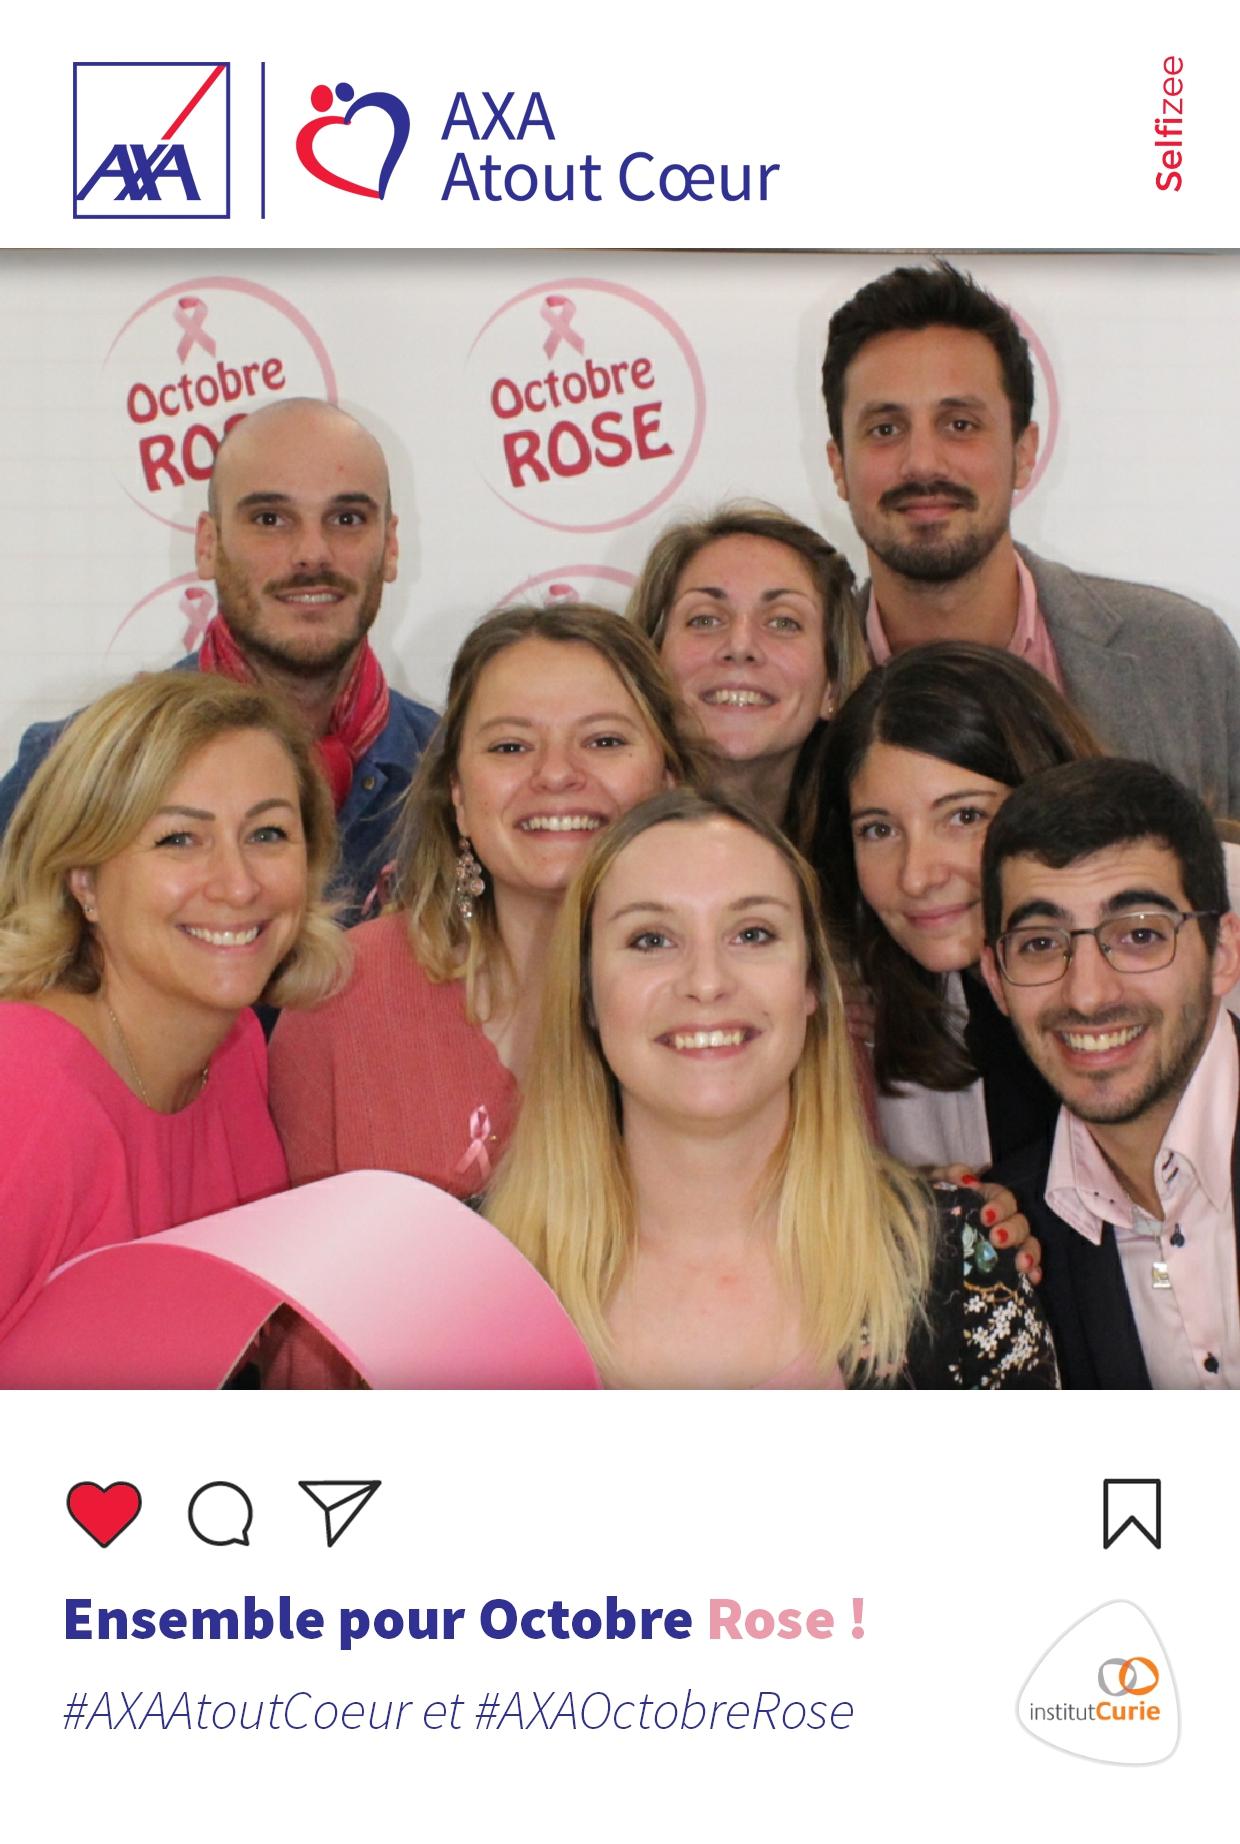 Borne selfie animation photo octobre rose Axa Atout Coeur en 2019 à Marly le Roi près de Versailles dans les Yvelines